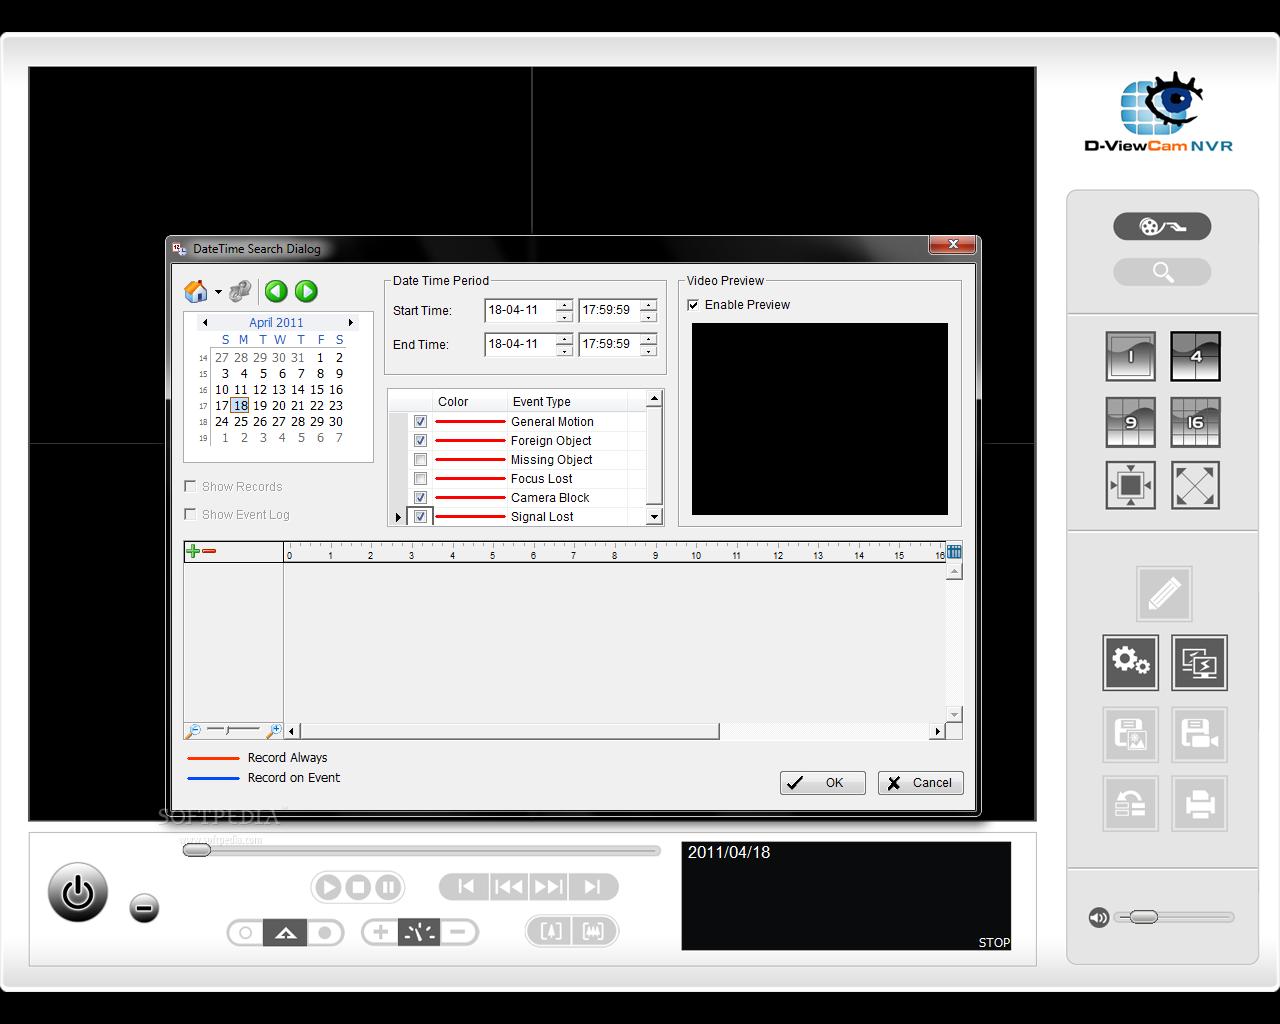 d-viewcam 3.0 software